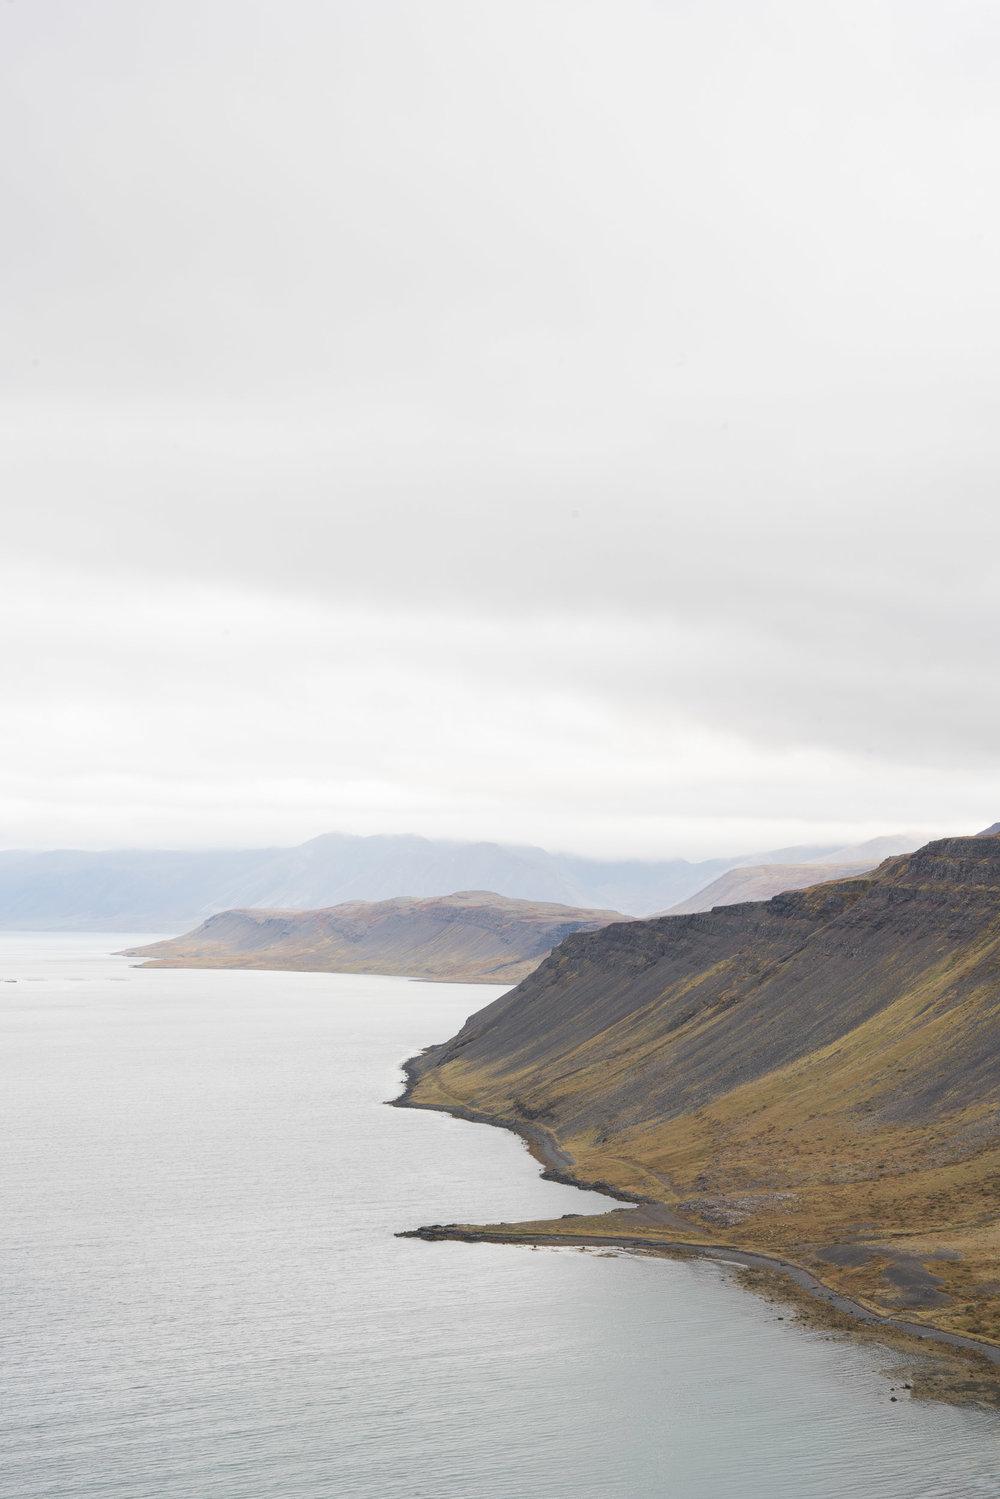 iceland_westfjords-3.jpg